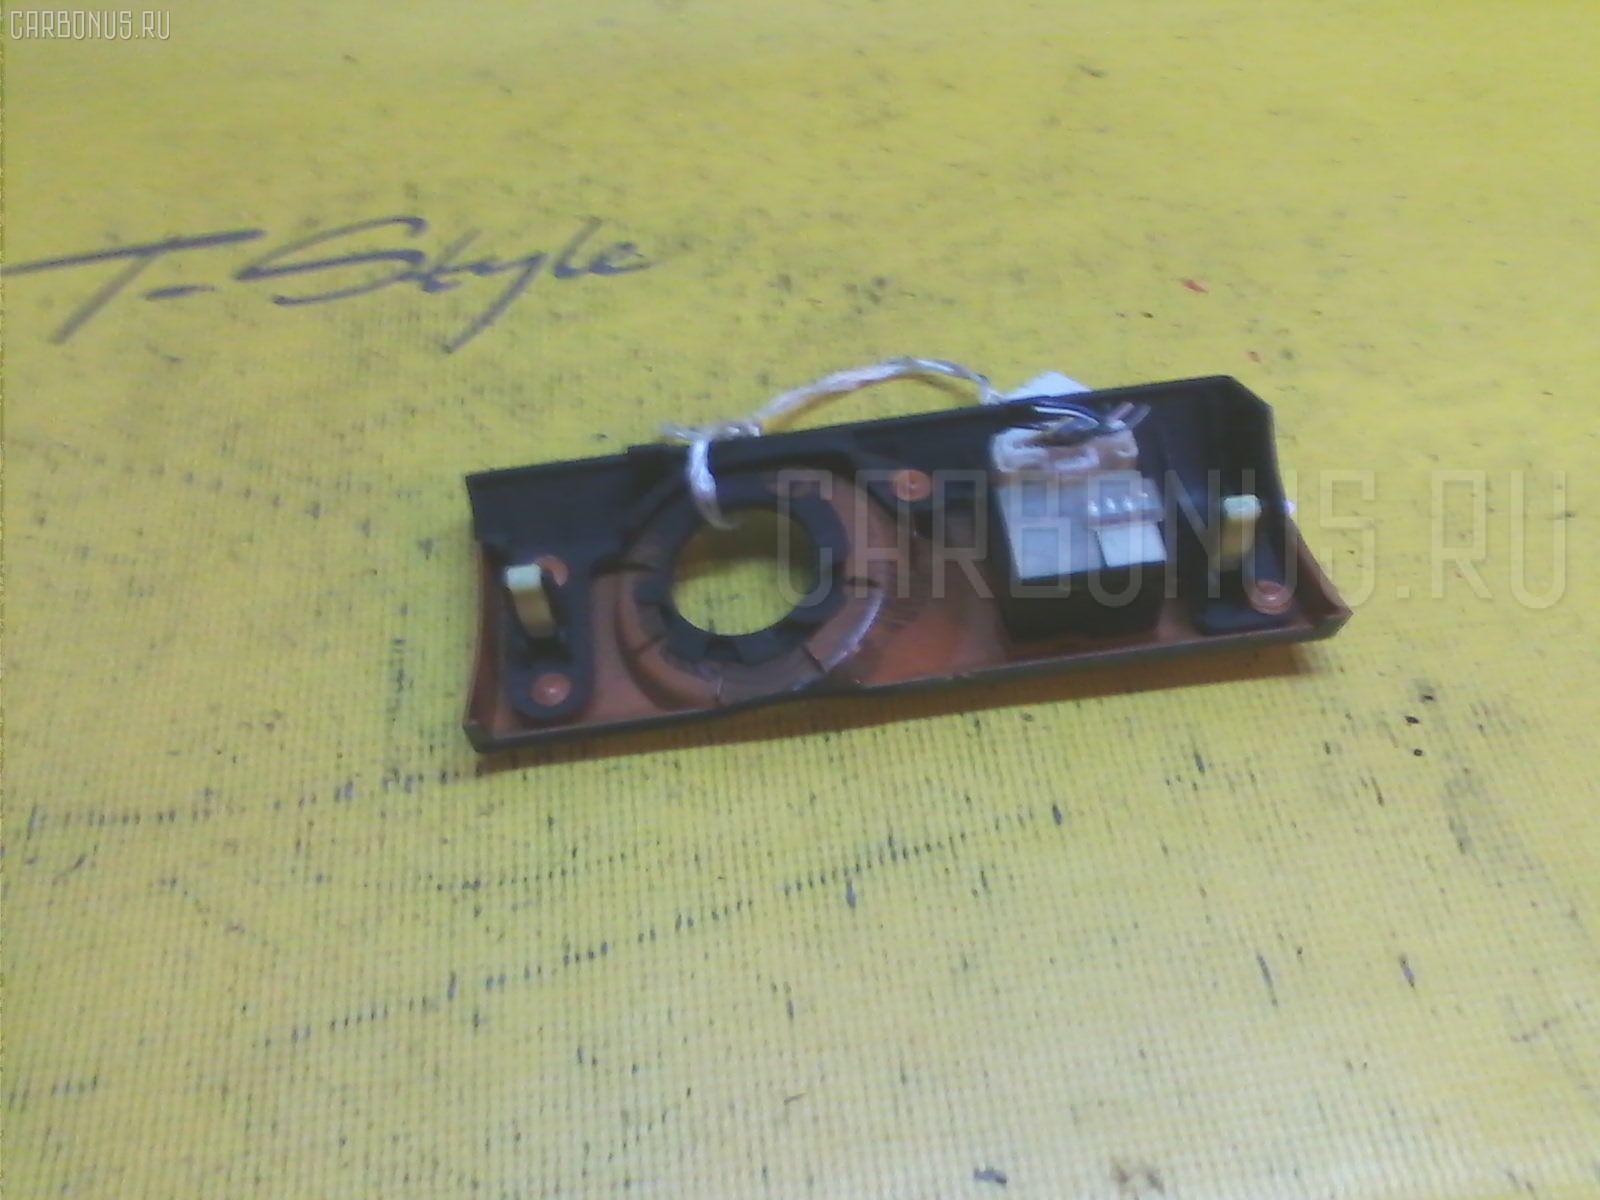 Блок управления зеркалами Toyota Mark ii blit JZX110W 1JZ-FSE Фото 1